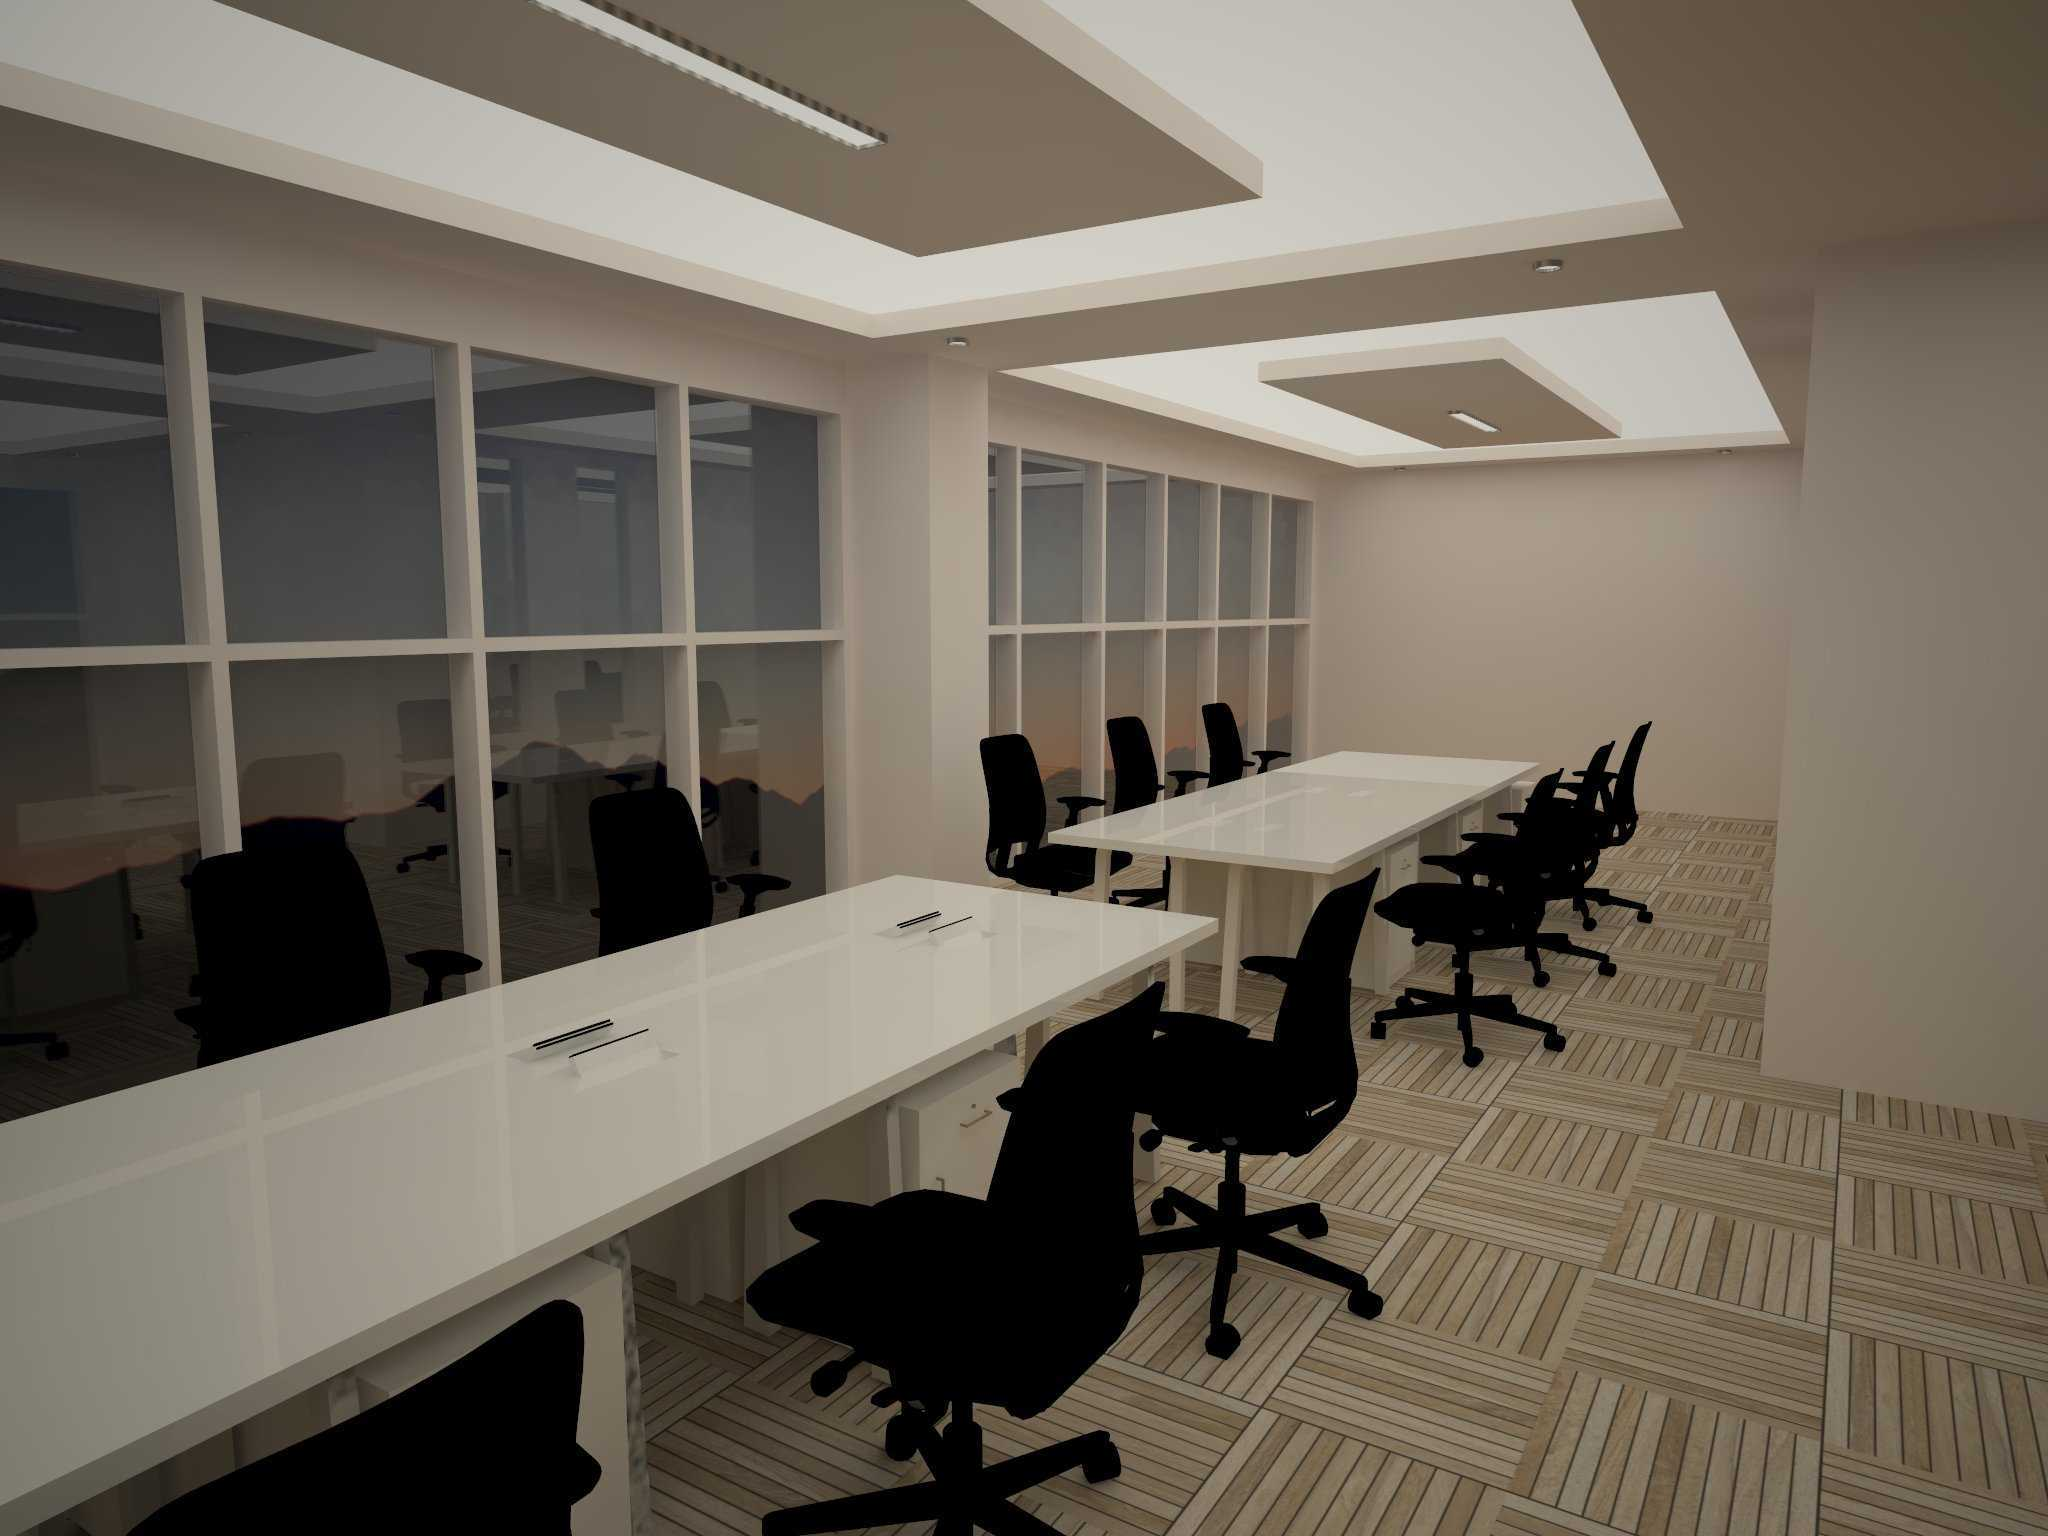 Jeffry Kurniawan Ruang Kantor Jakarta Pusat Jakarta Pusat Workspace   16070